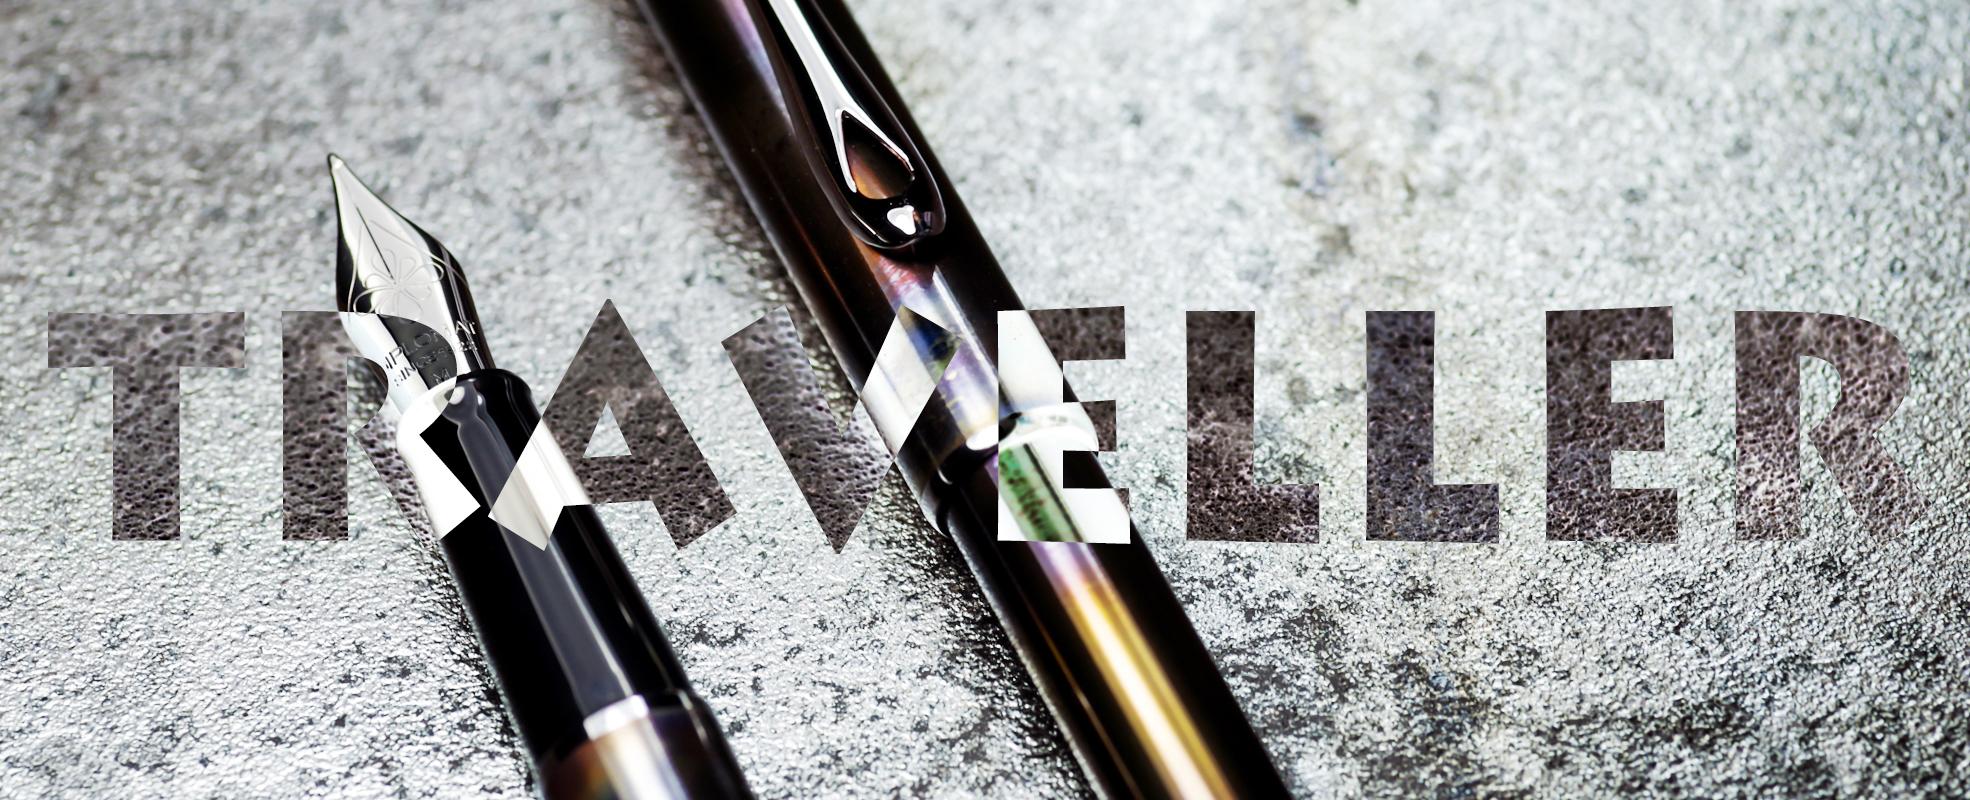 traveller-banner-revised-new.jpg